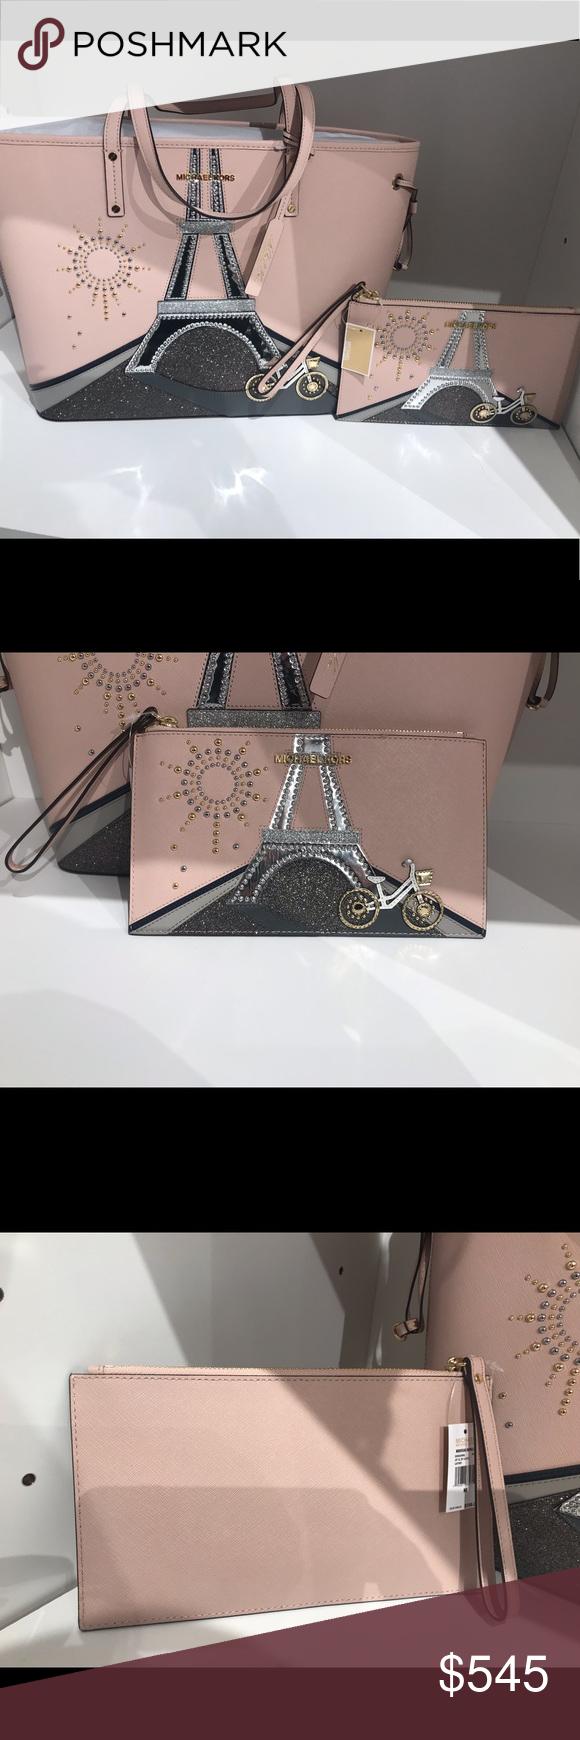 """c93d918c02af Michael Kors Paris bag tot clutch wristlet set Authentic guaranteed!!!!!  Very beautiful Paris theme. Nouveau Novelty limited edition. """"Ballet """"  blush light ..."""